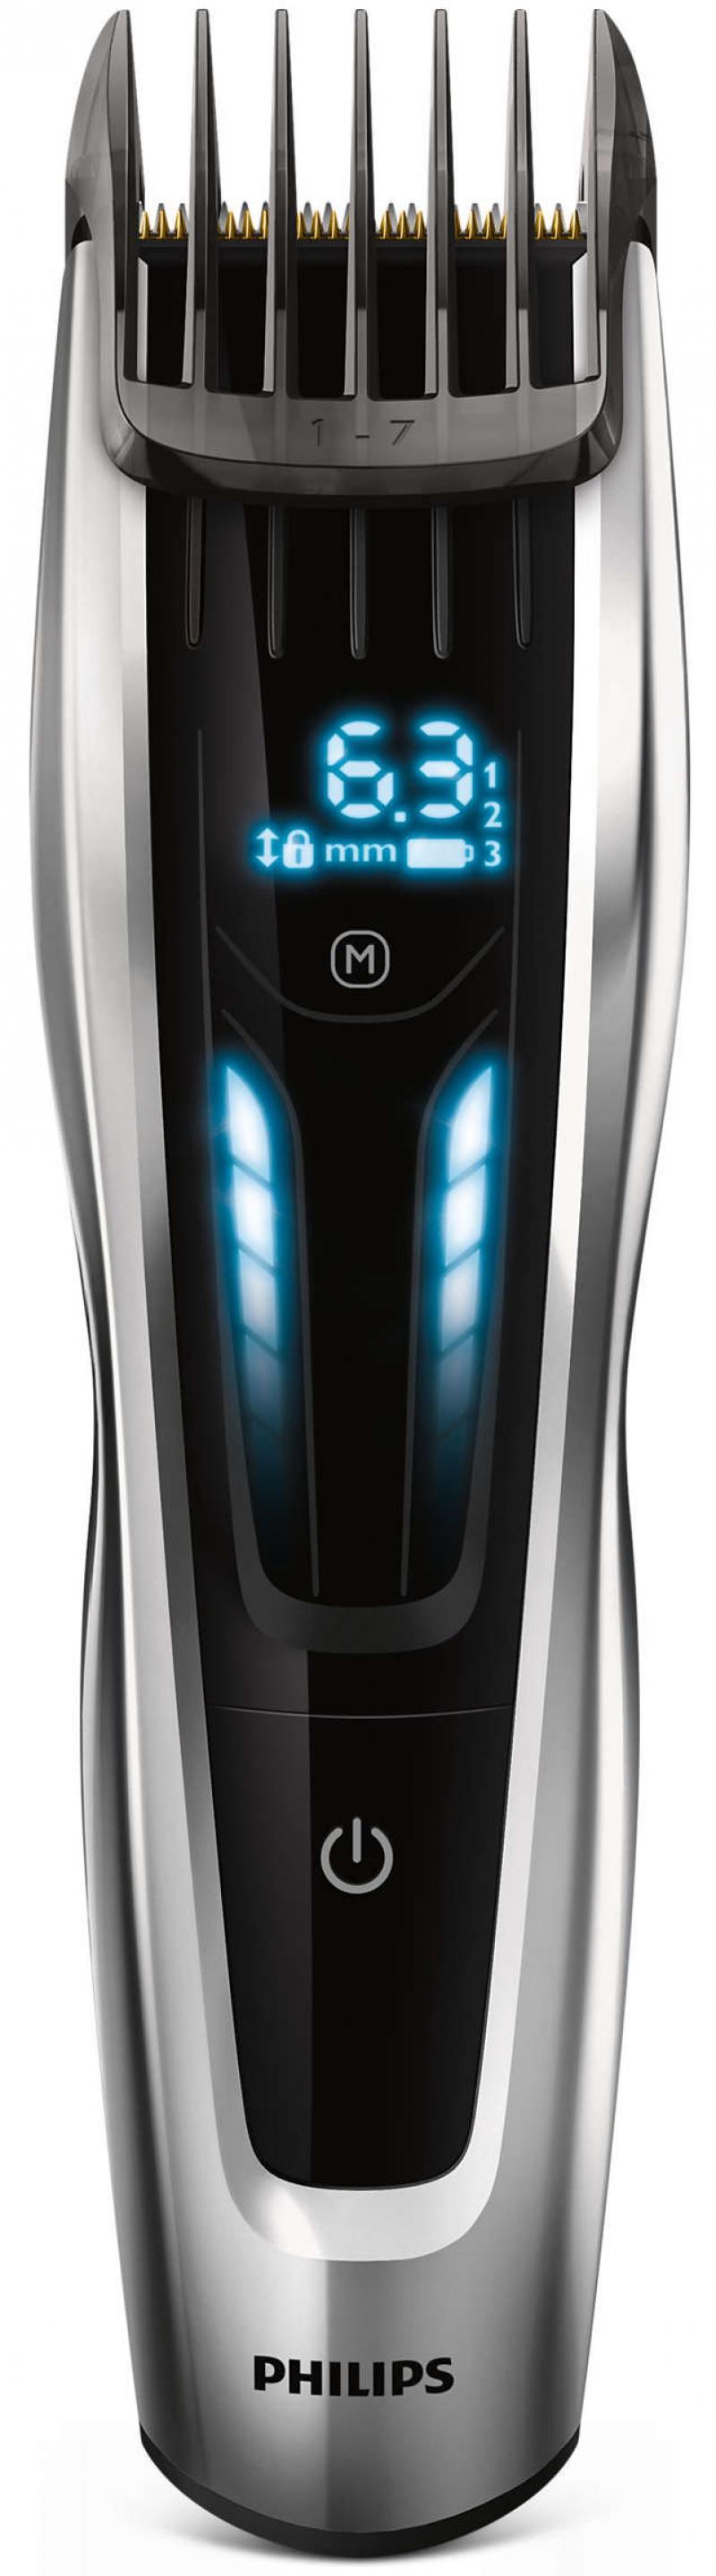 Машинка для стрижки волос Philips HC9450/15 чёрный машинка для стрижки волос philips hc5438 15 чёрный